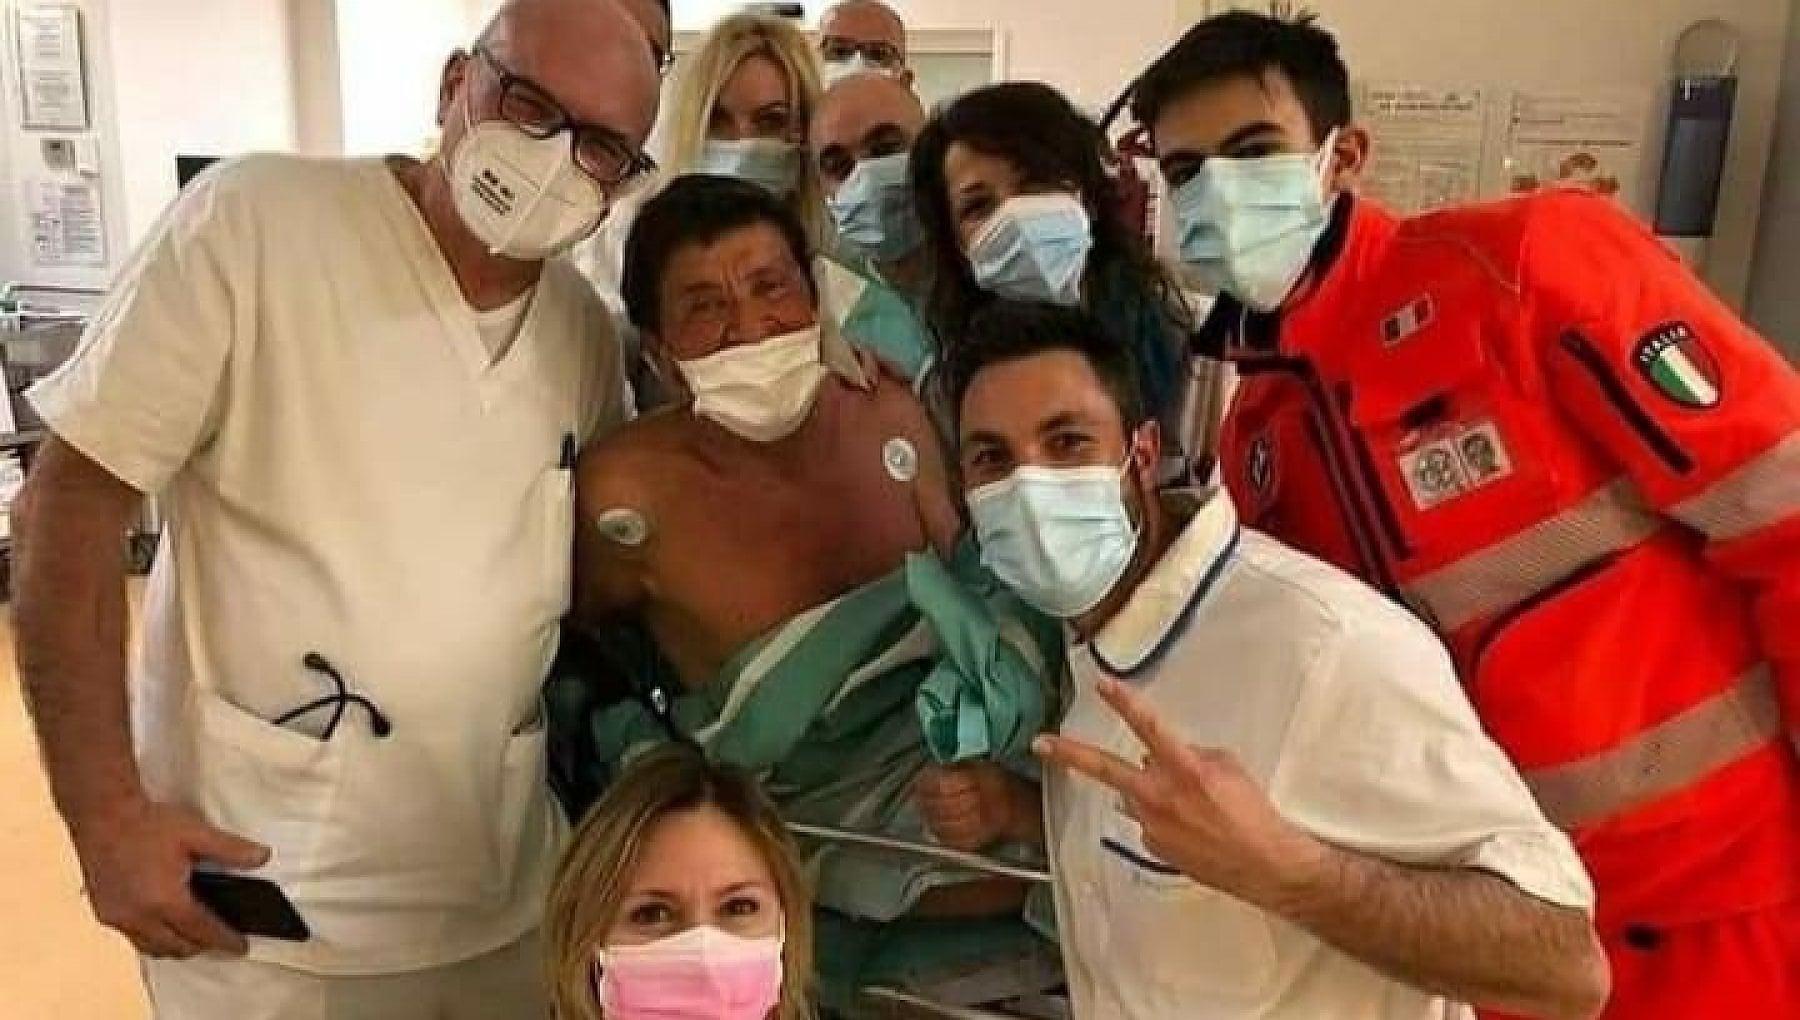 gianni morandi ricoverato foto ospedale come sta